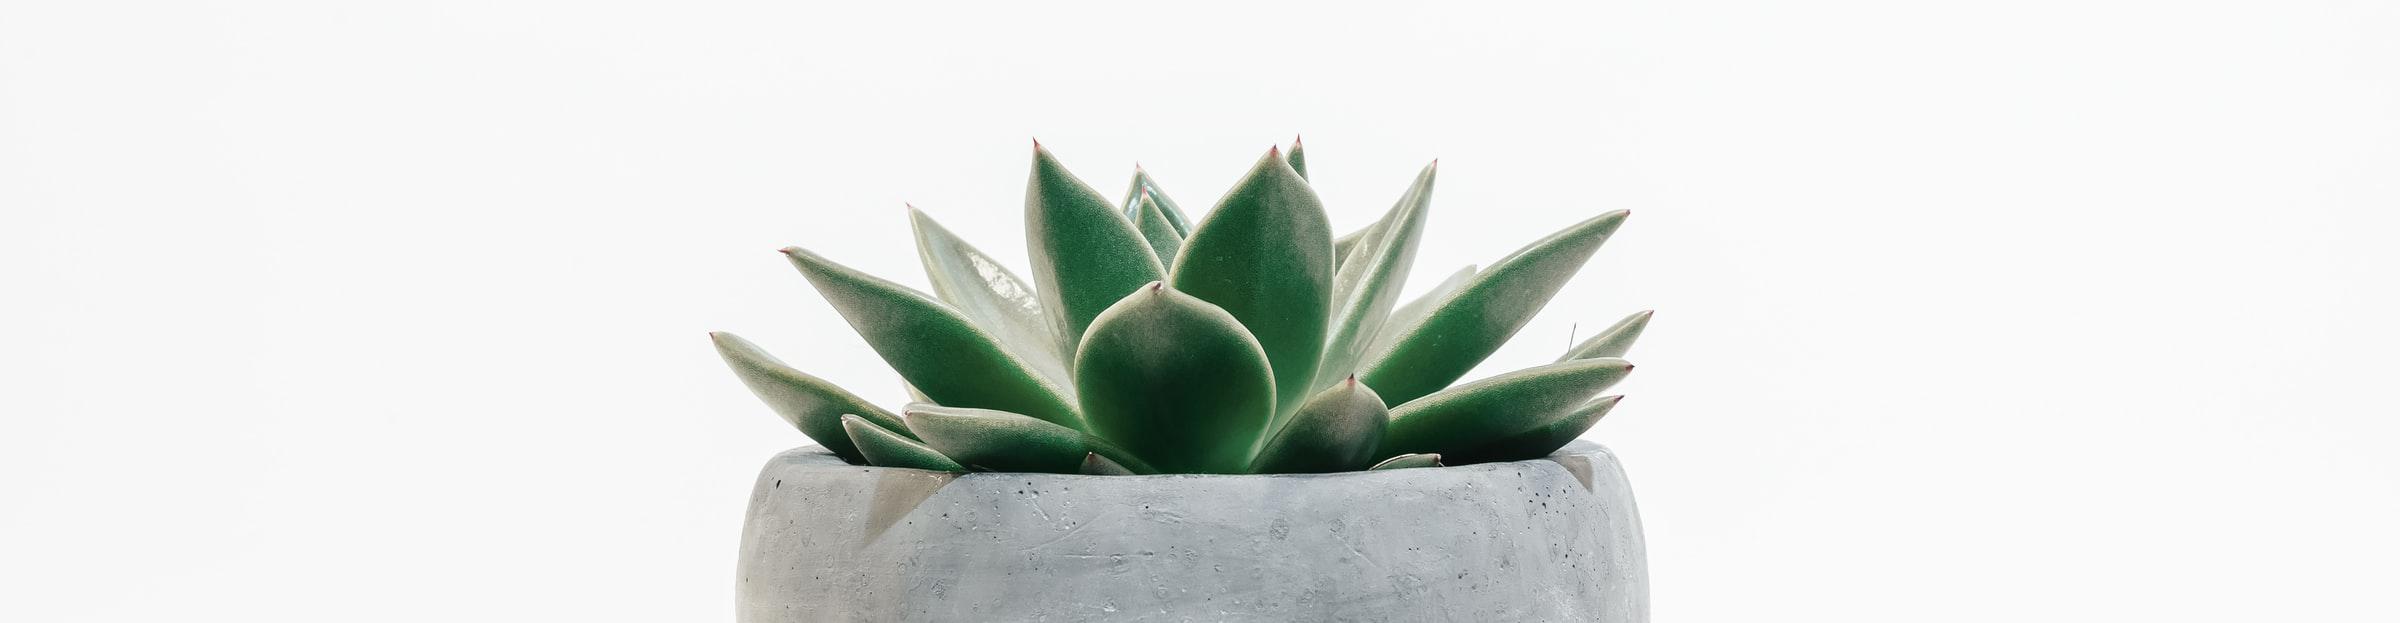 succulent-bg